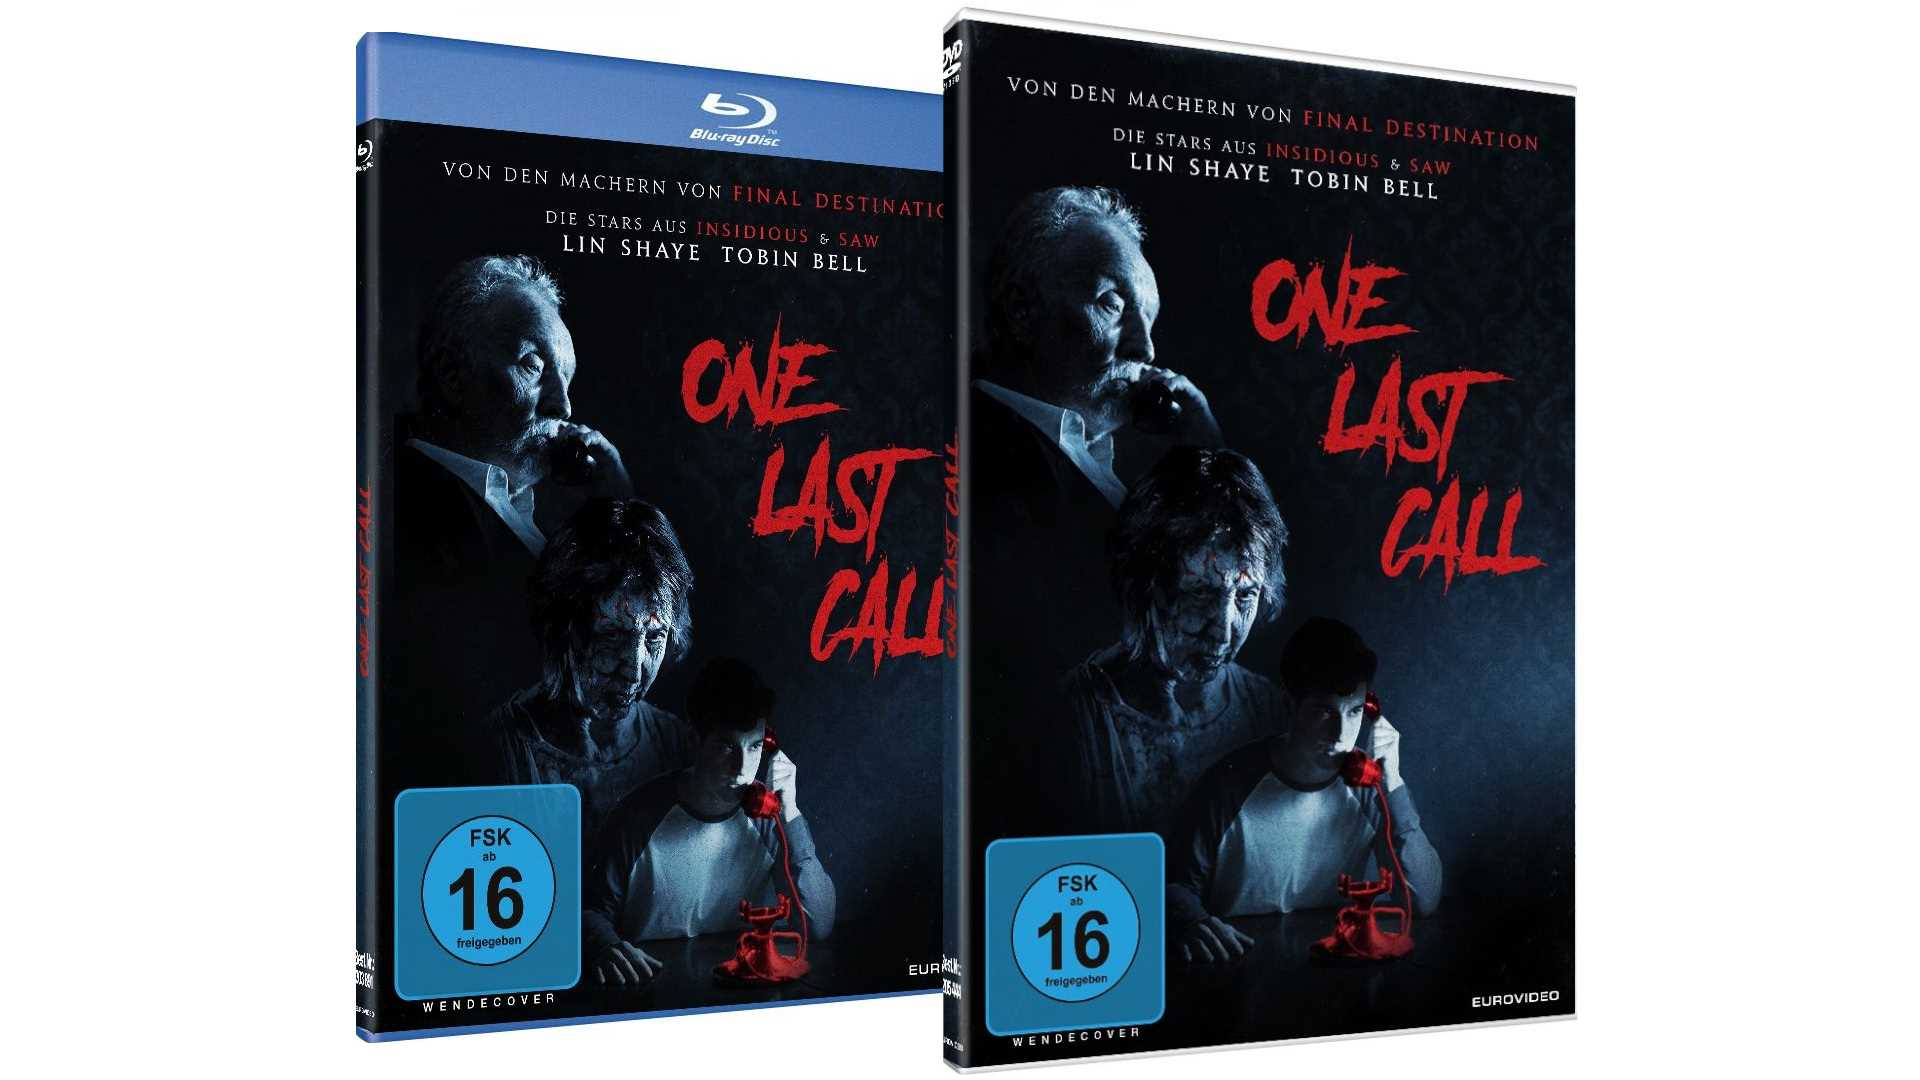 One Last Call - Gewinnspiel DVD und Blu-Ray Packshots